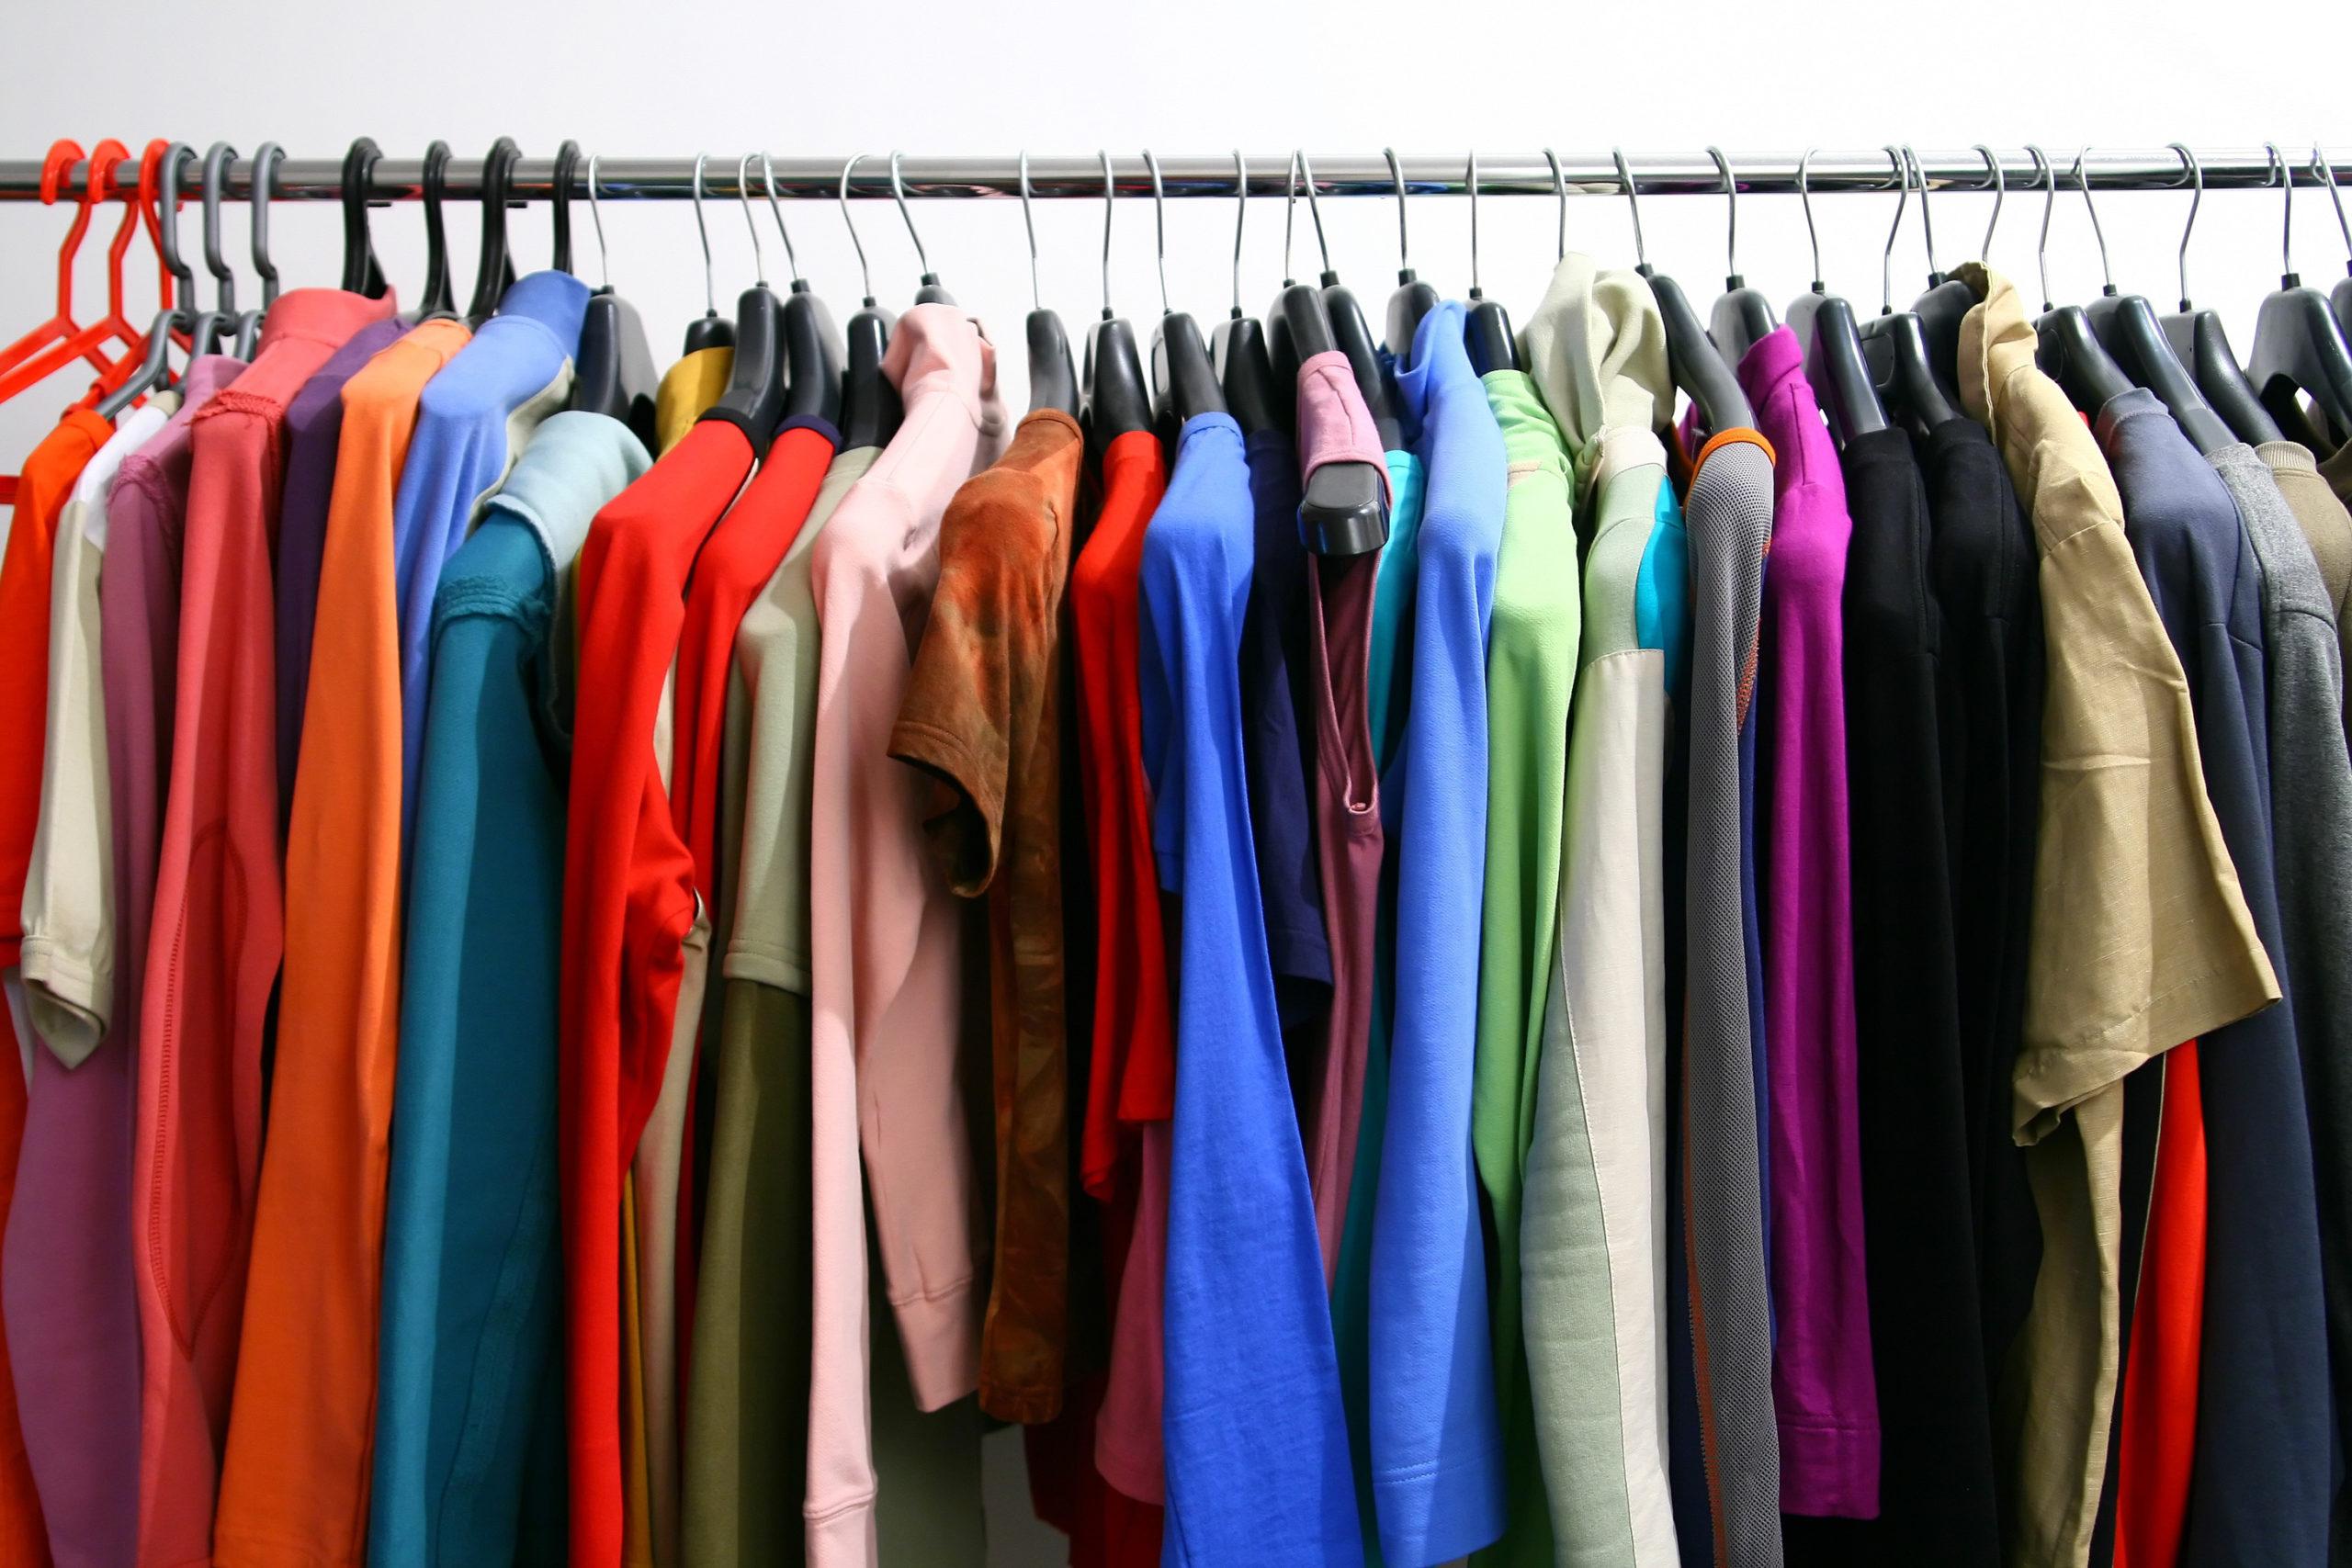 Acheter ses v tements moins cher sur internet casamalkie blog mode - Acheter pas cher sur internet ...